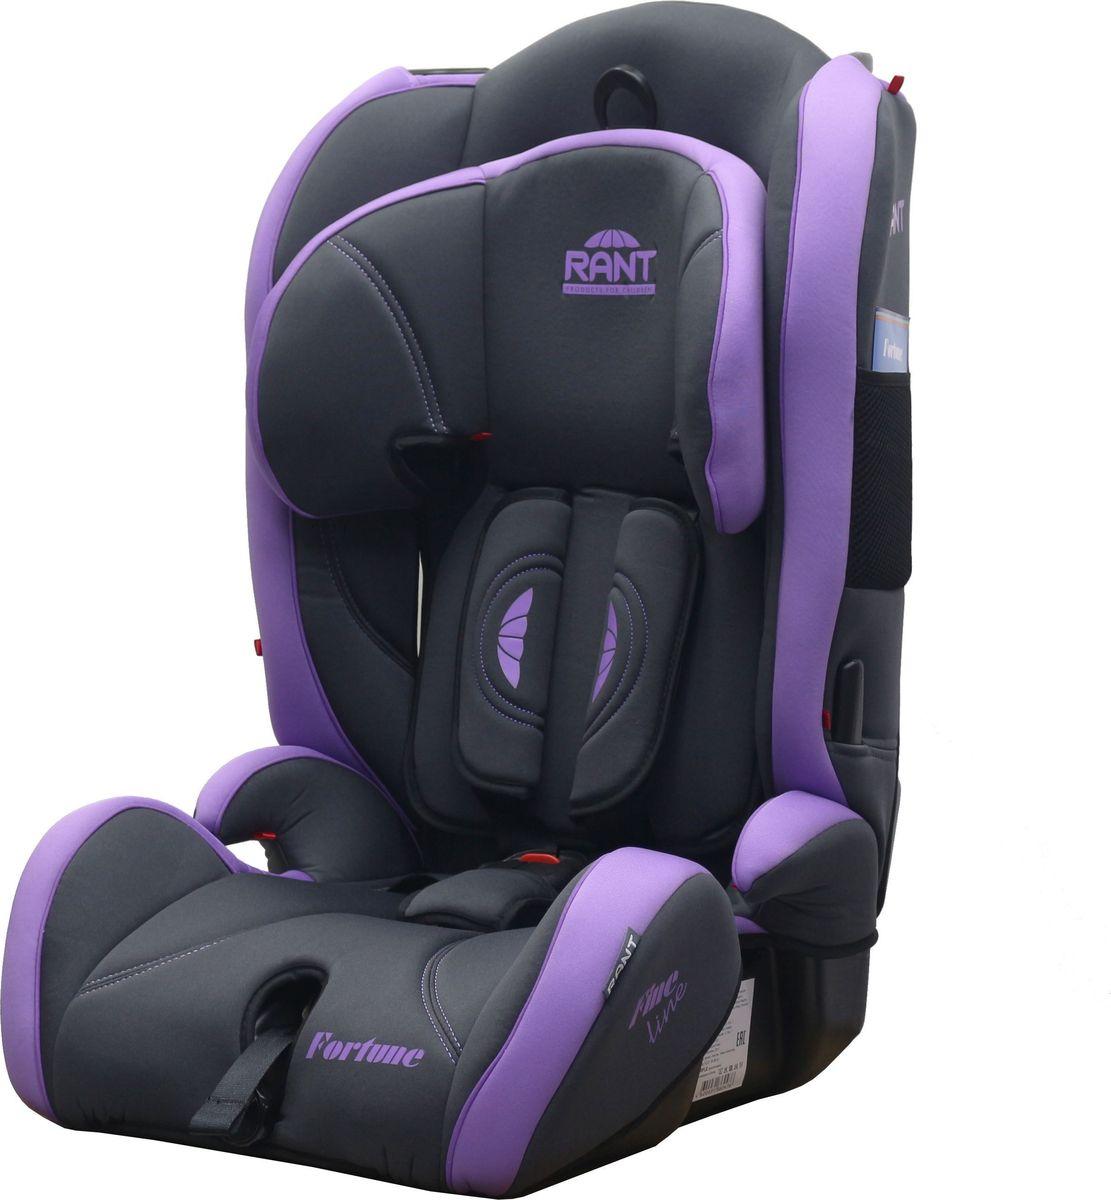 Купить Rant Автокресло Fortune Fine Line цвет фиолетовый от 9 до 36 кг